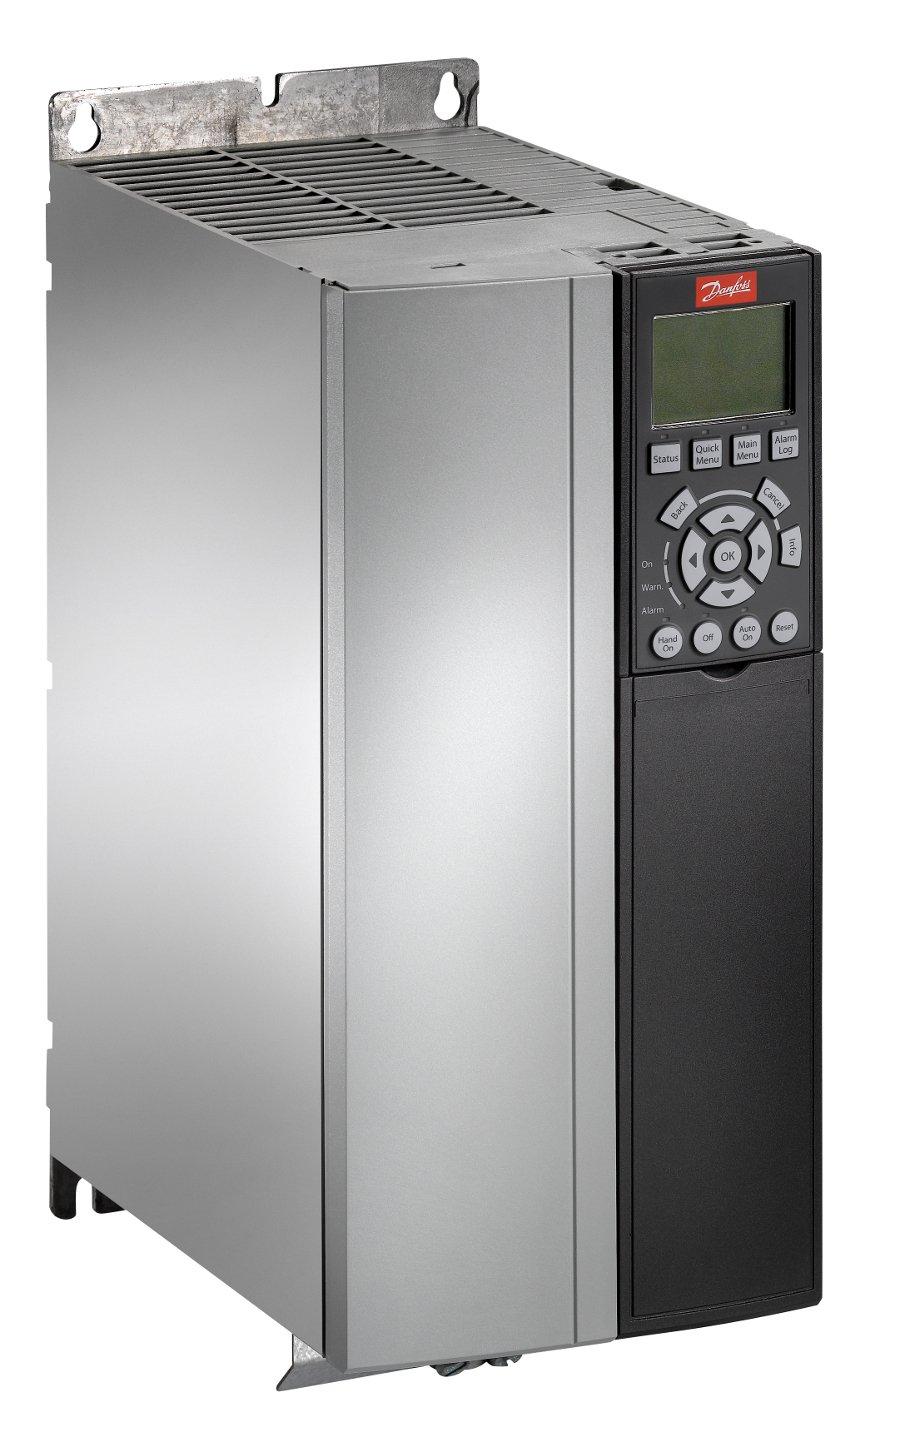 Danfoss Fc302 131h3959 30kw Ip20 Pnp Motion Controls